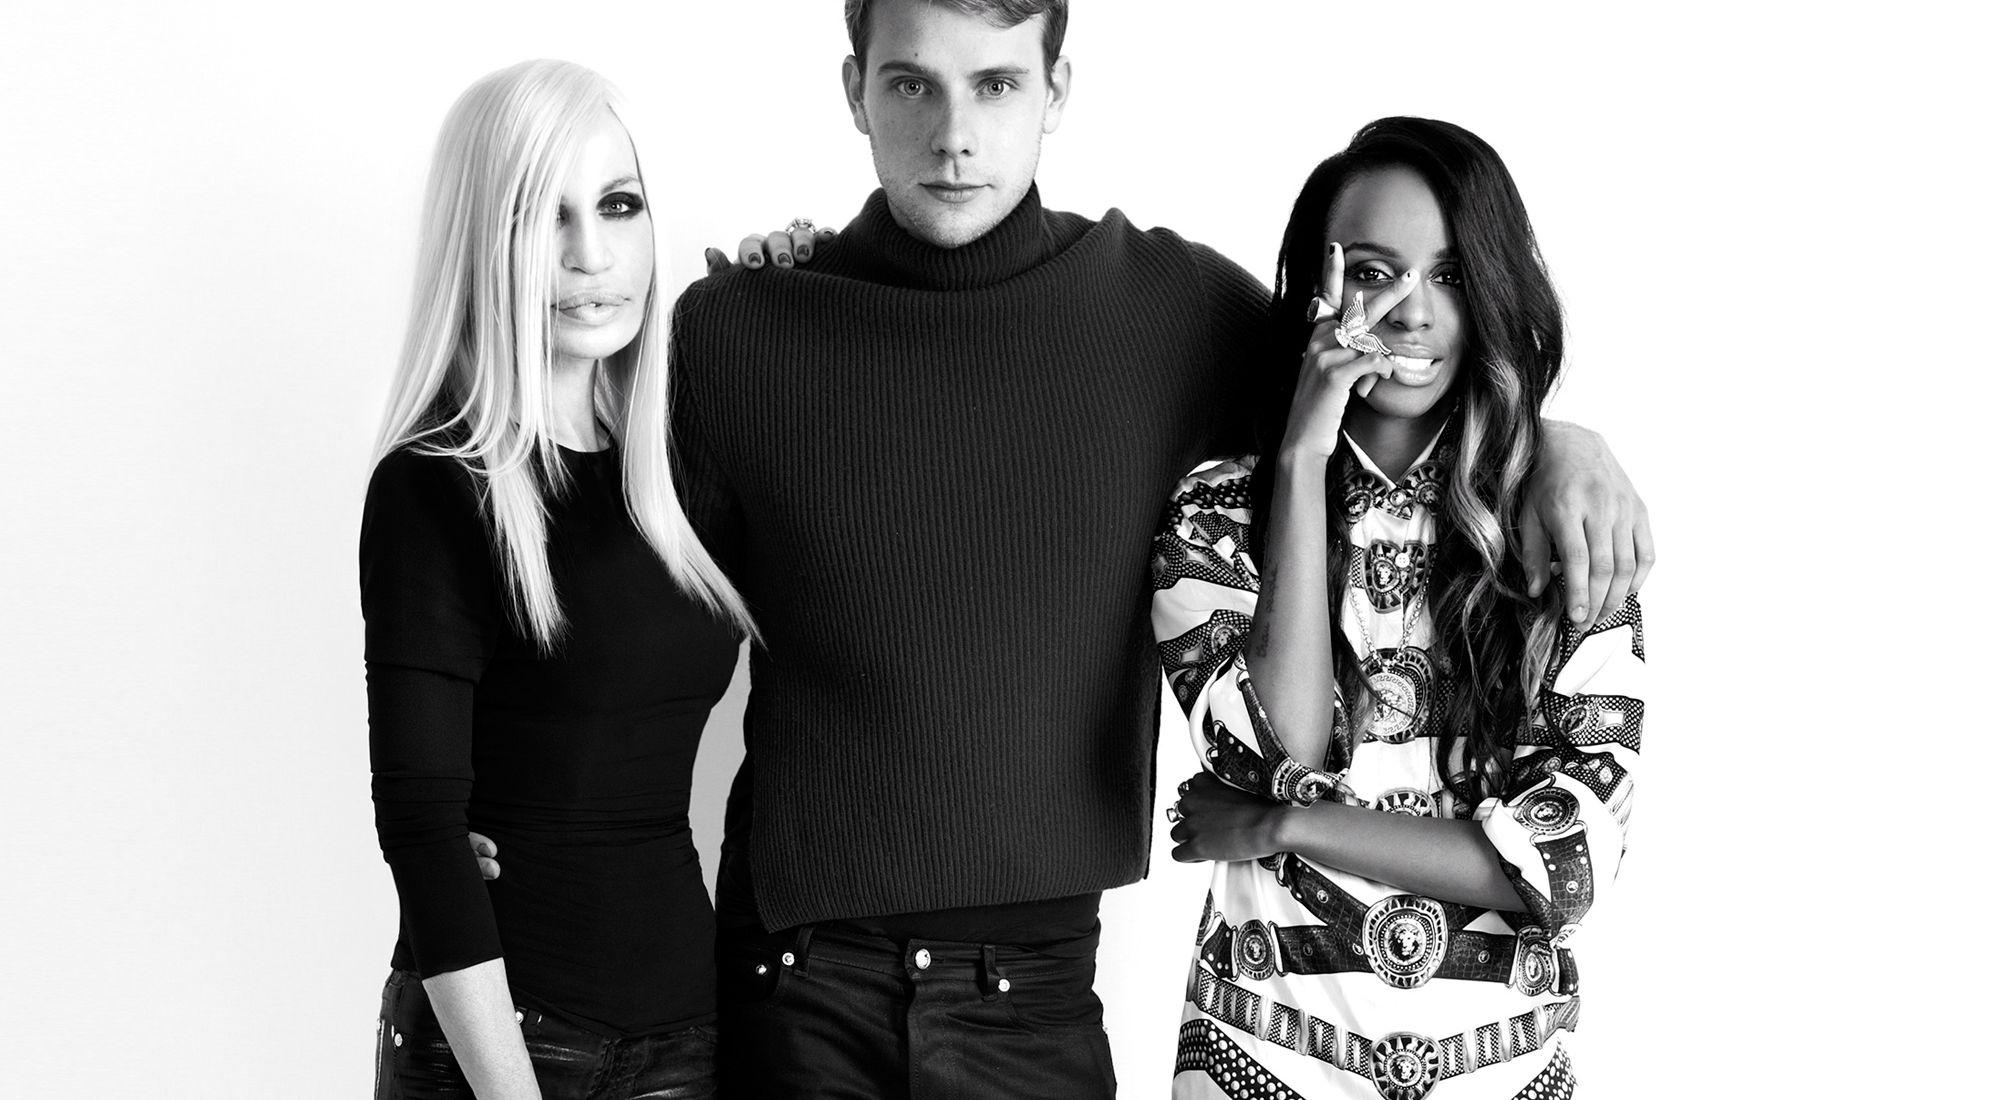 VersusVersace&#;Donatella